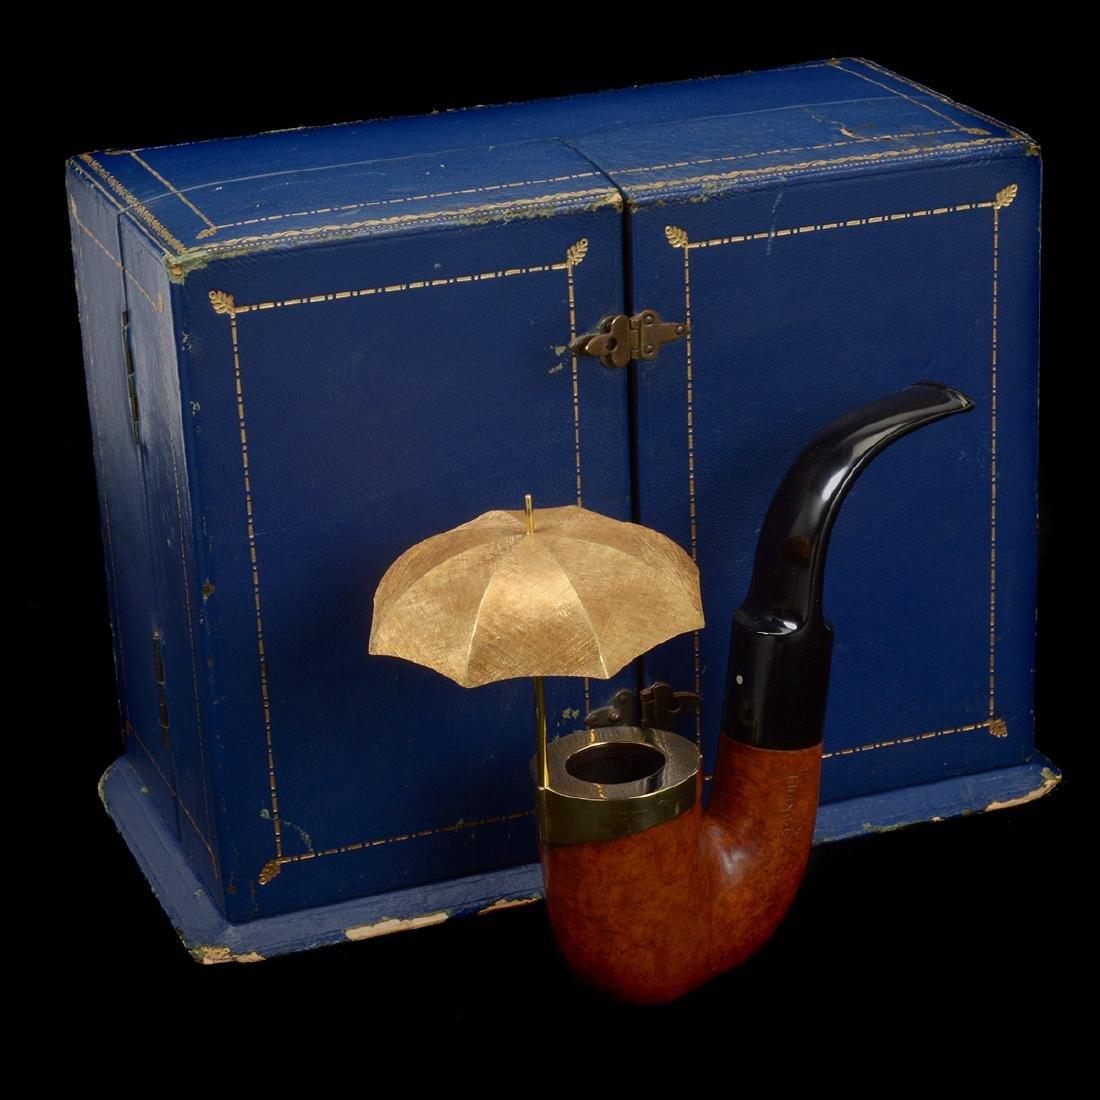 Dunhill Umbrella Pipe with Presentation Box